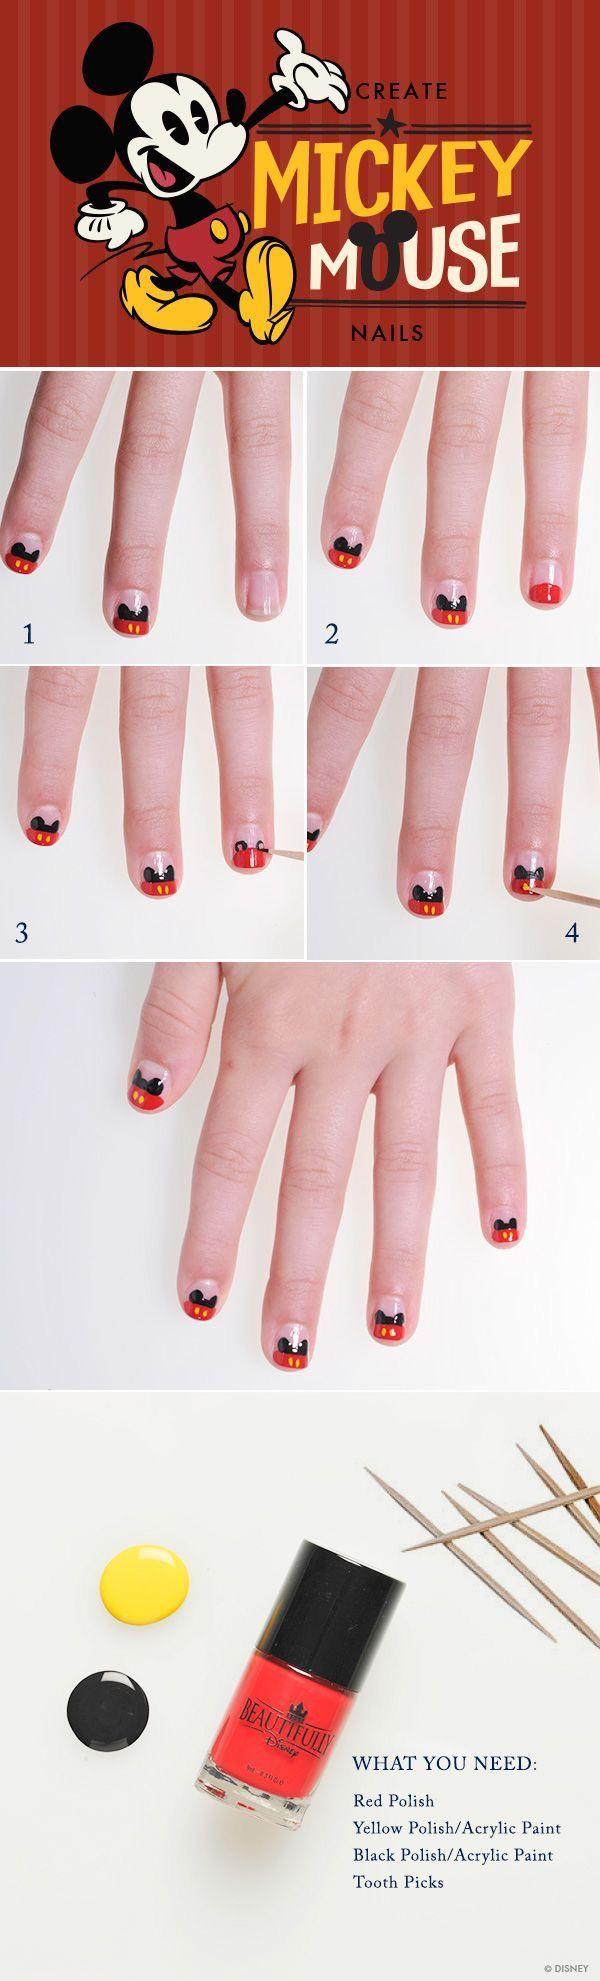 Pin von Khunnoonam auf Beauty#love these nails!   Pinterest ...